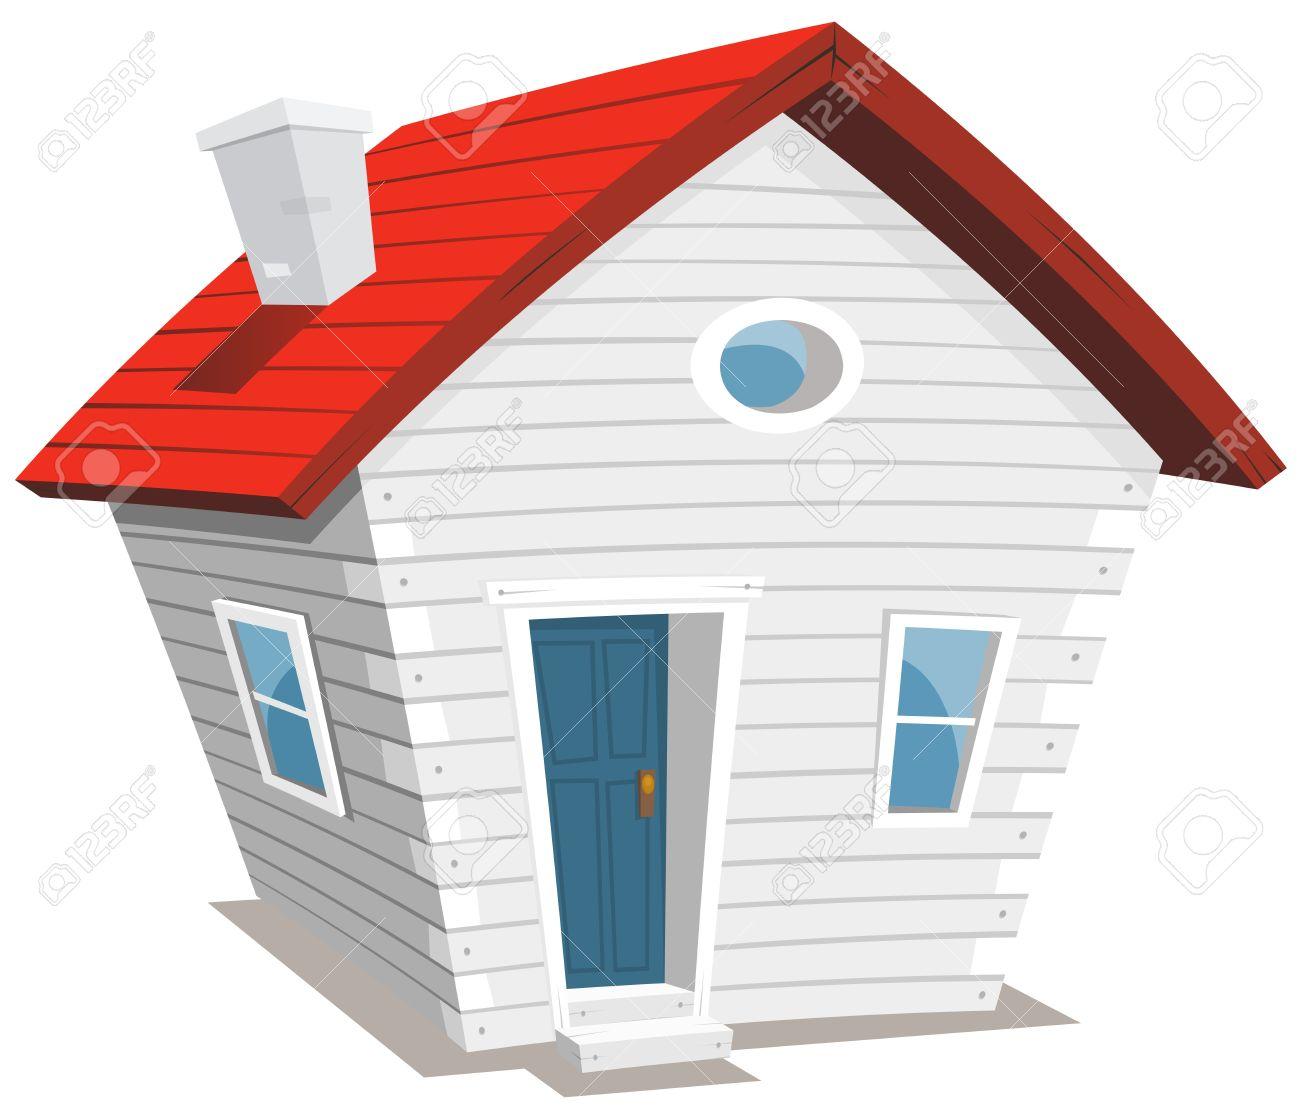 Incroyable Banque Du0027images   Illustration Du0027un Dessin Animé Blanc Petite Maison En Bois  Drôle Avec Cheminée Idee